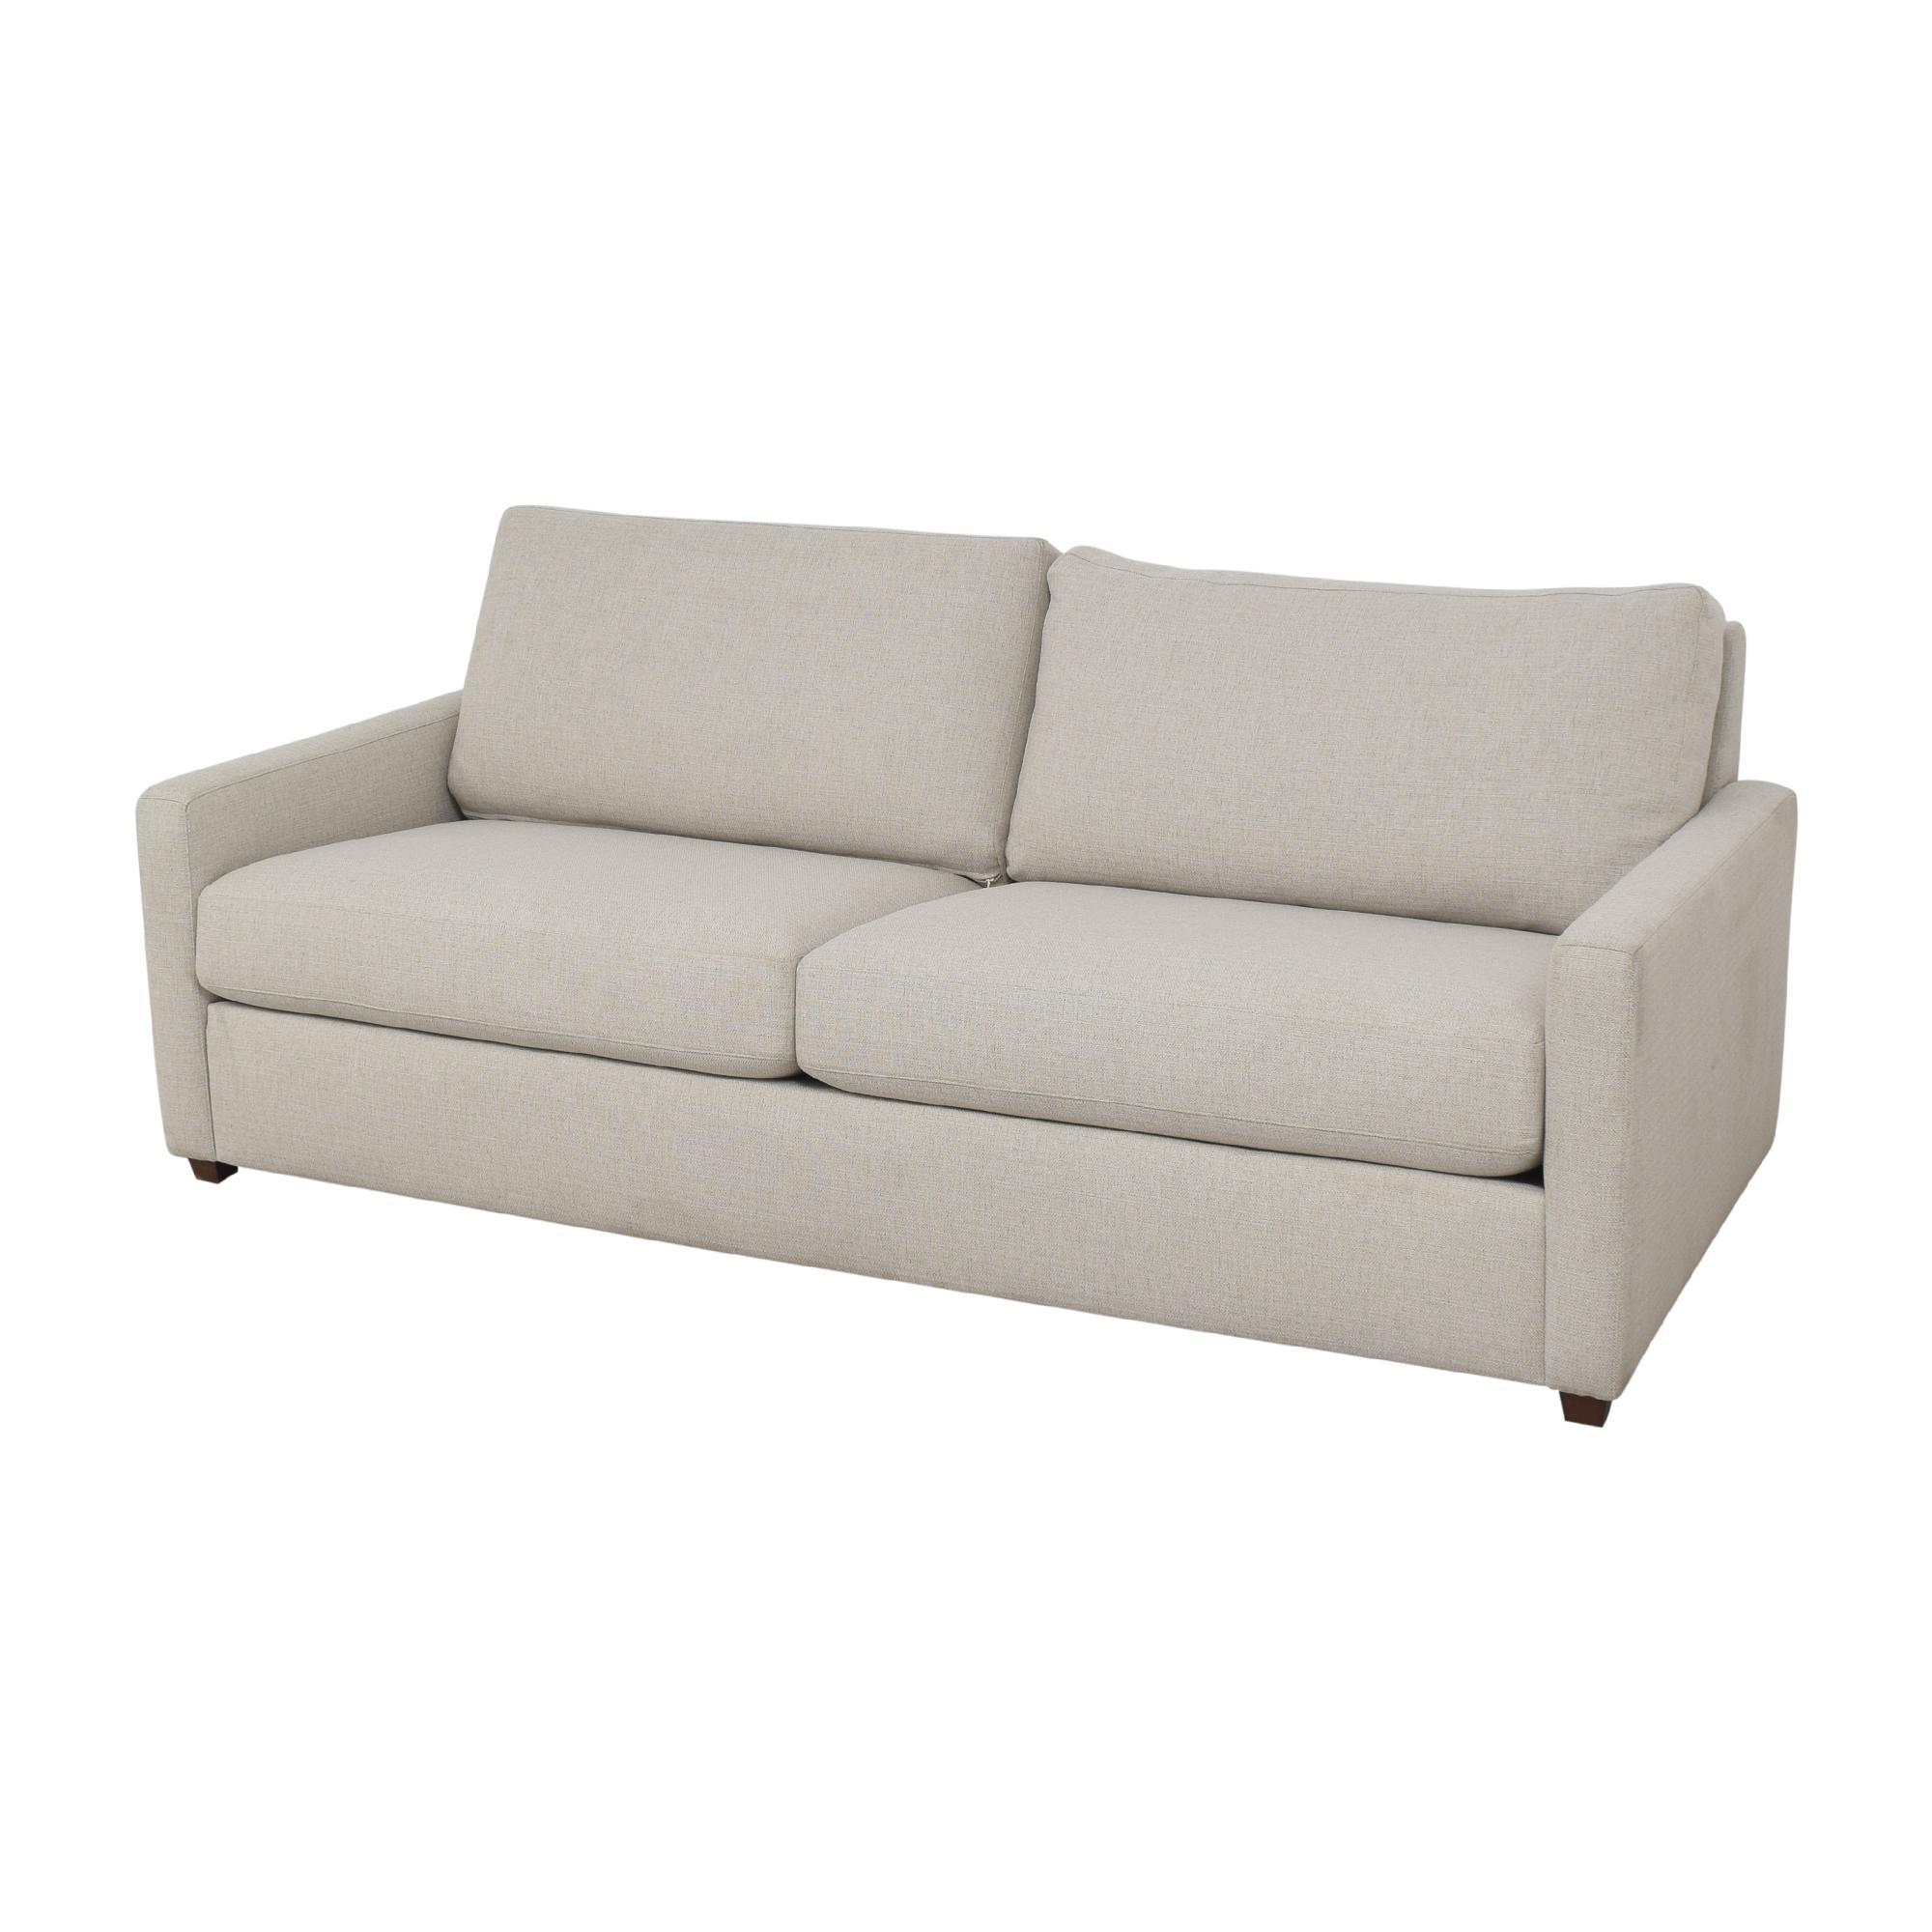 BenchMade Modern BenchMade Modern Couch Potato Lite Sofa coupon